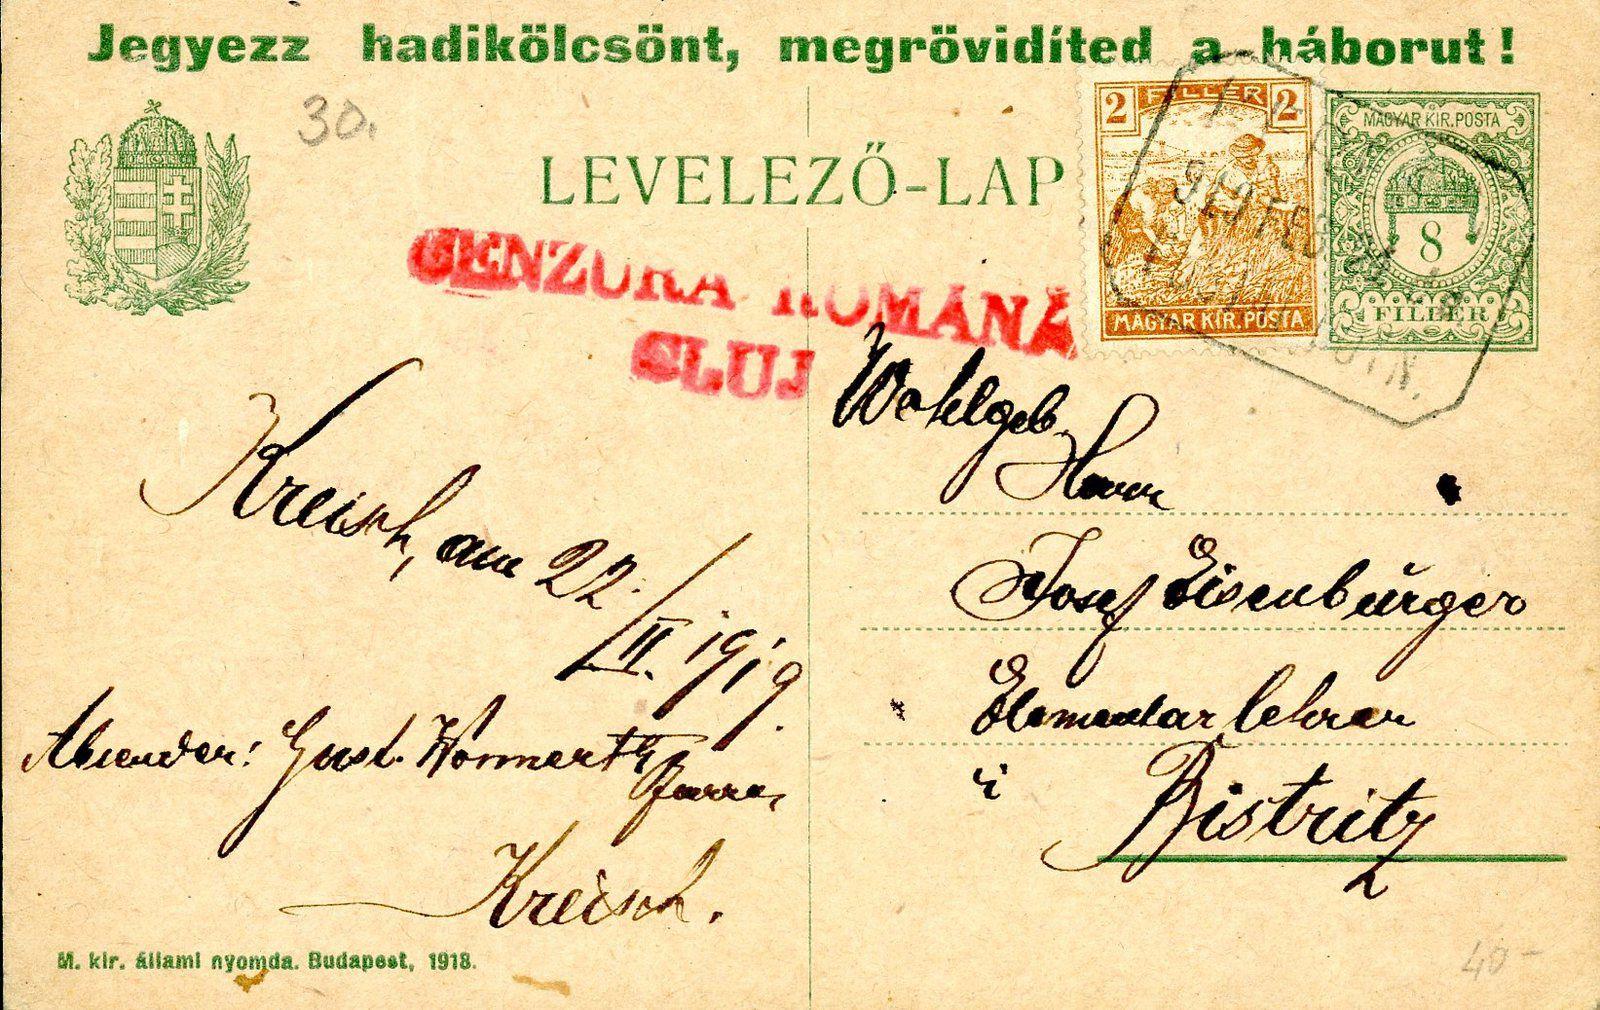 Fig.6: Carte postale hongroise 10 filler de Brașov (Brasso) à Sebes (Szaszebes) du11.11.1919. Timbre-poste et CAD hongrois, cachet roumain de censure. Fig7: Carte postale hongroise 8 filler et timbres hongrois, CAD hongrois et cachet de censure roumaine. Fig.7bis Carte postale hongroise 10 filler et timbres roumains, CAD hongrois, étiquette de recommandation hongroise, envoyée  d'Arad à Sibiu (Nagyszeben) le 09.11.1919. Fig.8: Carte postale fermée hongroise 20 filler avec surcharge roumaine de Cluj 15 bani. Fig.9: Carte postale hongroise 10 filler avec surcharge roumaine de Timișoara 10 bani. Fig.10: Carte postale militaire hongroise avec surcharge roumaine de Cluj renversée 10 bani. CAD hongrois Timișoara (Temesvár) du 28.04.1920, cachet roumain de censure.